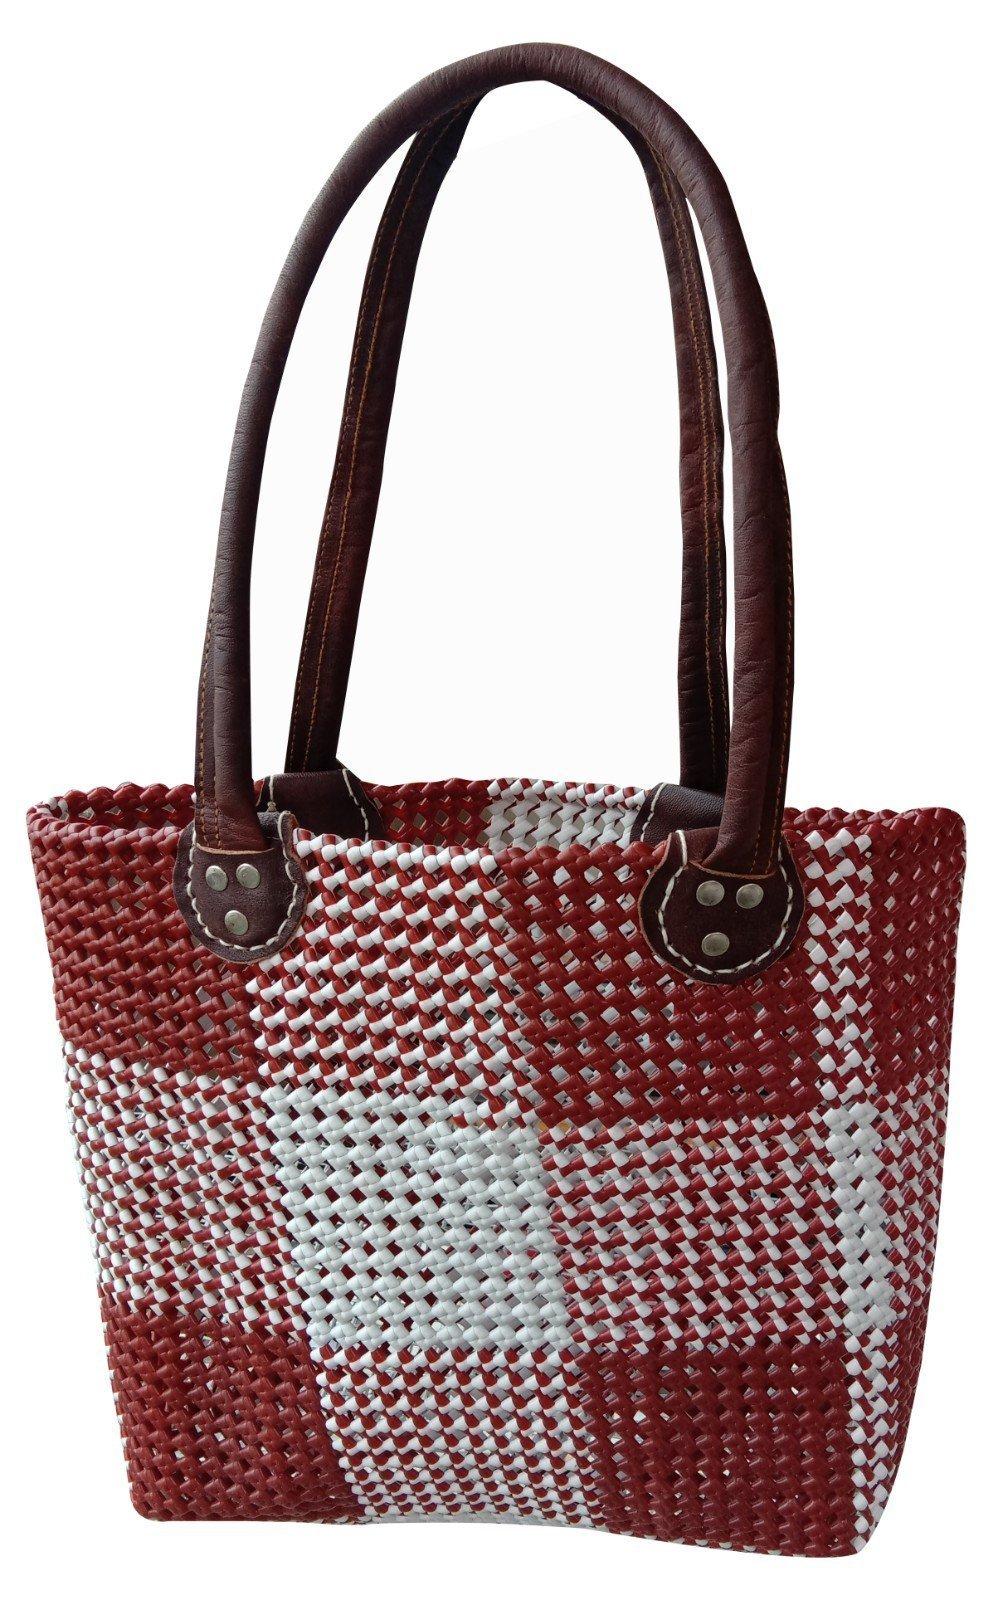 LS13. Inch Handmade Handbag HandPurse Handbag, Shopping Bag, Tote Bag, Handbag for Unisex